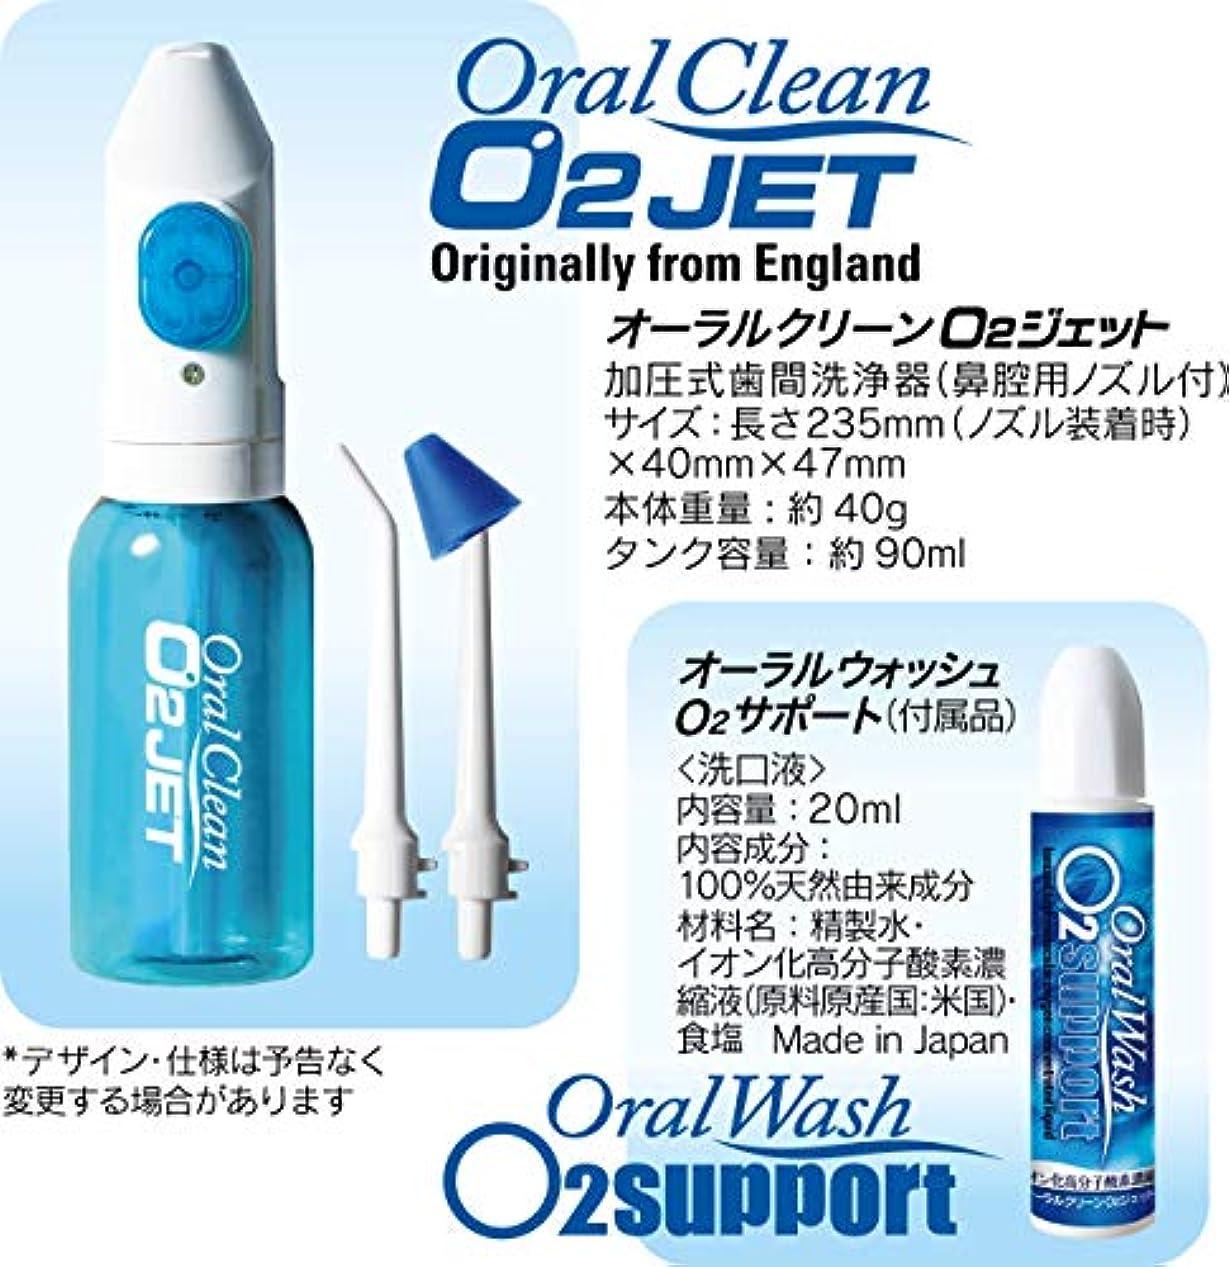 ボットご予約回想花粉症にも!歯周病対策 オーラルクリーン O2JET(O2ジェット)口腔 加圧式歯間洗浄器